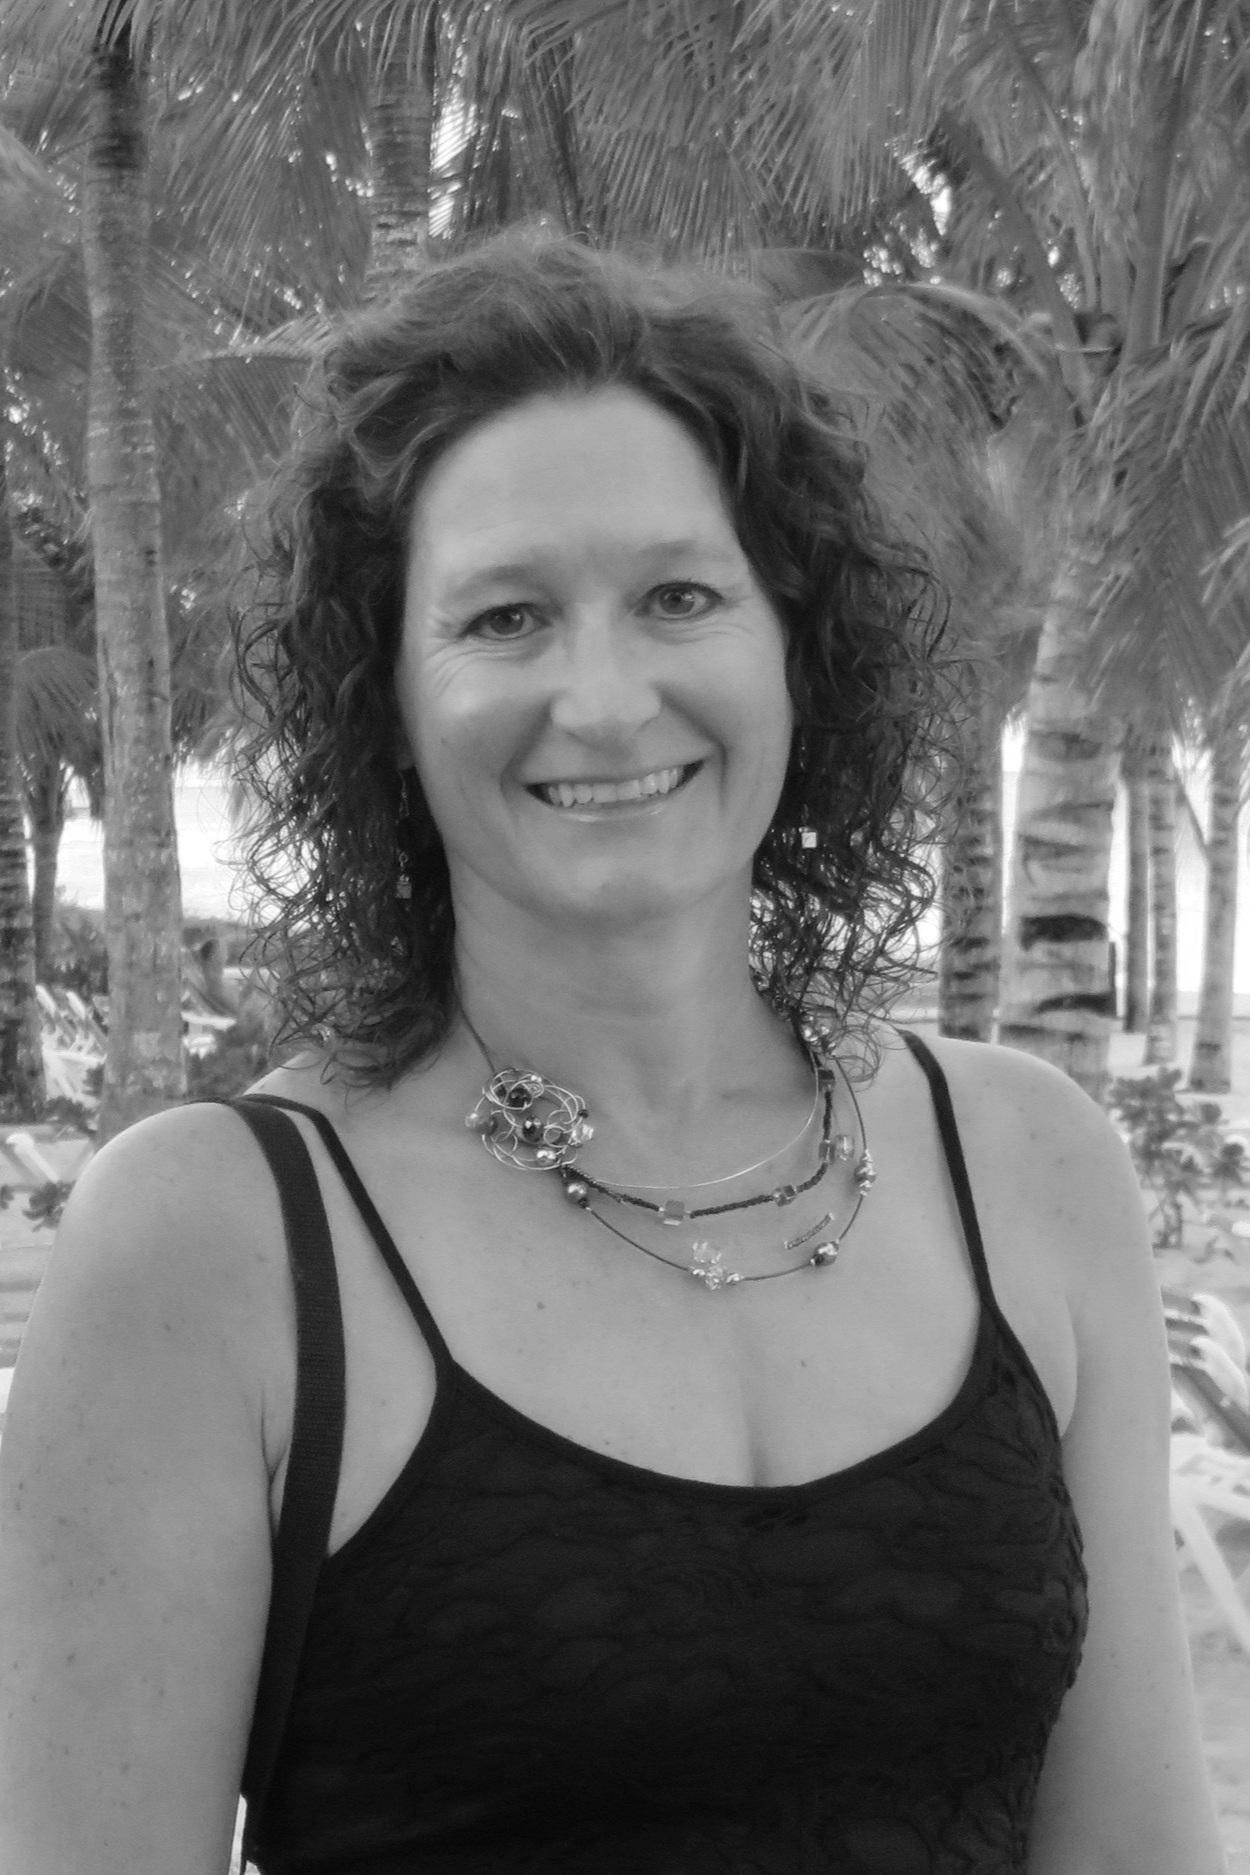 Valérie Poulin - Account Manager chez Foseco, Division fonderie de VesuviusDiplômée en génie des matériaux et de la métallurgie de l'université Laval en 1996, Mme Poulin s'est spécialisée dans le domaine de la fonderie notamment chez Fonderie Thetford, Métallurgie Castech et Fonderie Industrielle Laforo (maintenant Soucy Belgen Sainte-Claire). En 2010, elle a joint Foseco, une division de Vesuvius, à titre de représentante technique où elle assiste ses clients à l'optimisation des procédés et des procédures. La conférence portera sur les avantages d'un système de contrôle automatisé pour les peintures réfractaires utilisées pour des moules au sable et les moyens d'améliorer les paramètres de mélange et d'application.